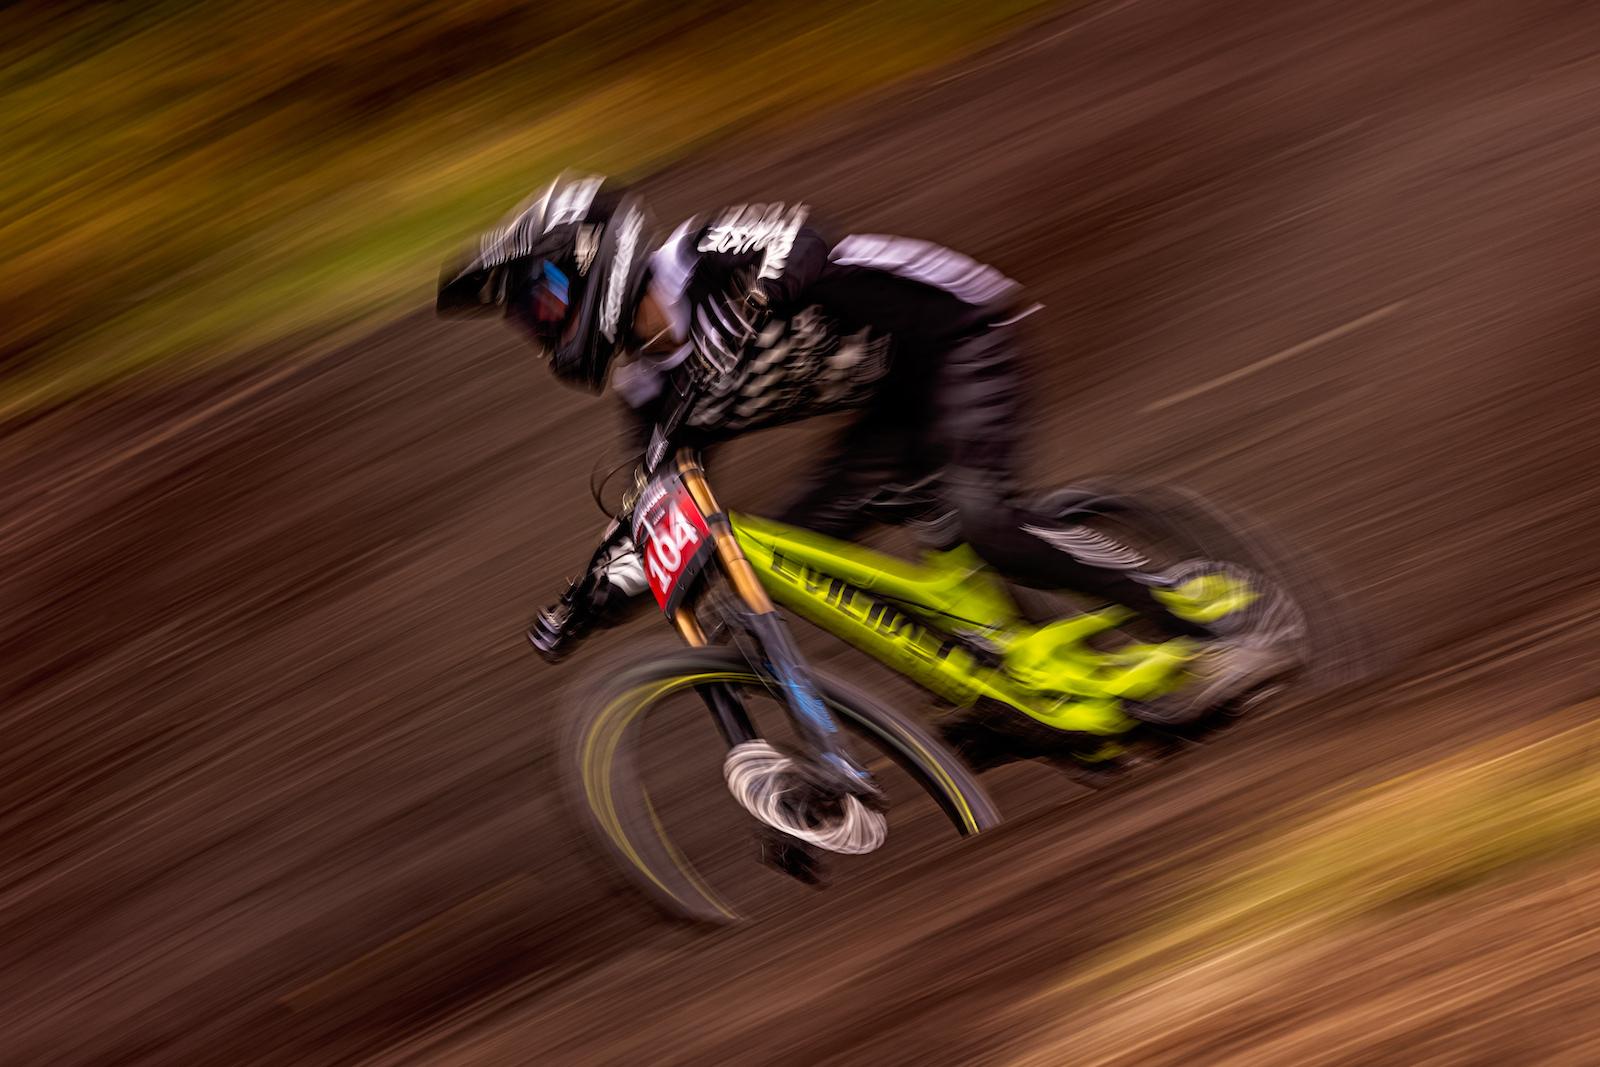 Danielle Beecroft warp speed